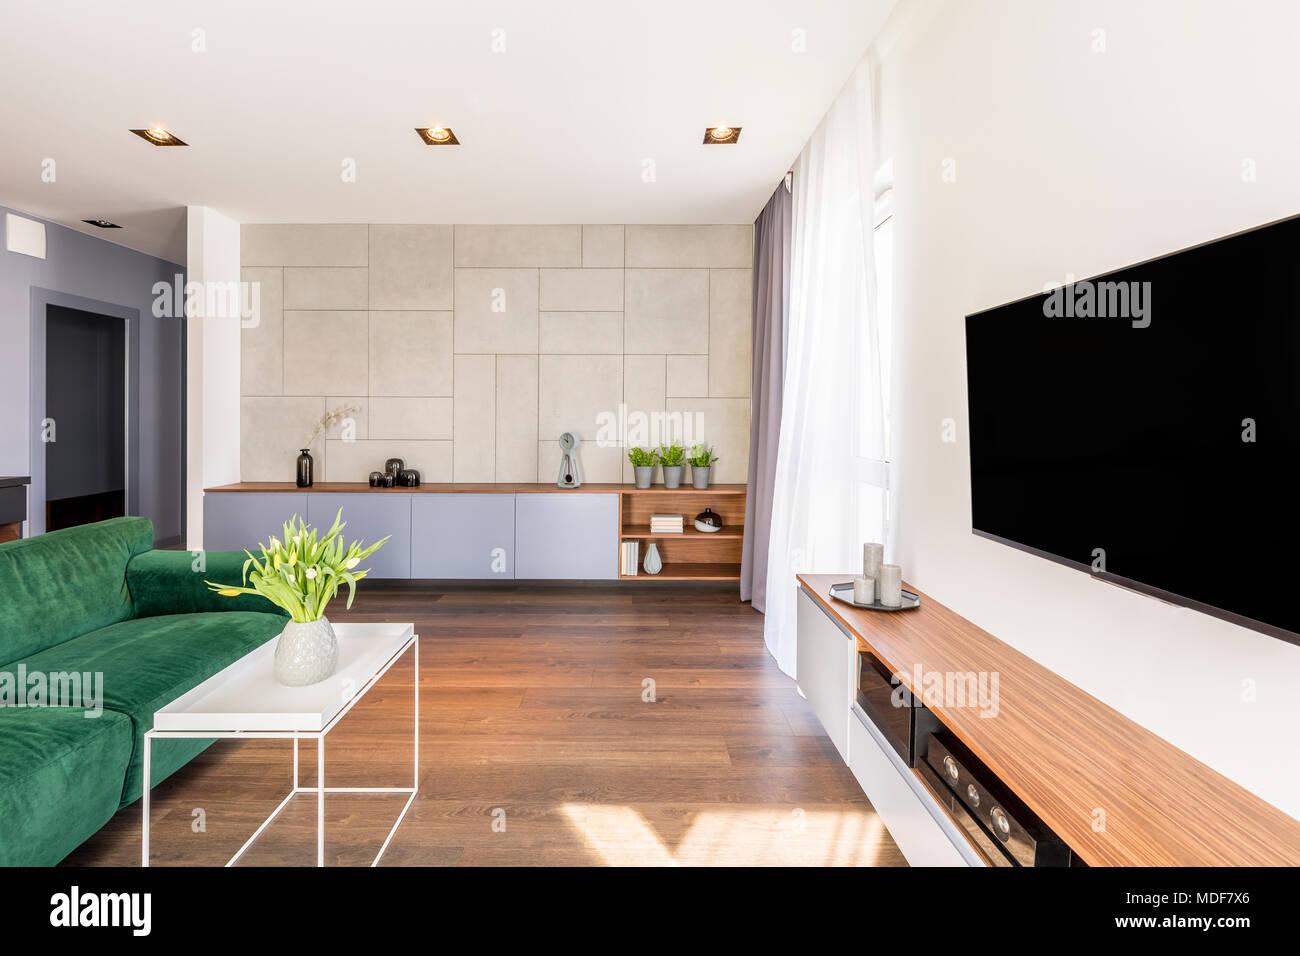 Großer Fernseher In Luxuriösen Wohnzimmer Einrichtung Mit Gelben Tulpen Auf  Weißem Kaffee Tisch Neben Einem Grünen Couch